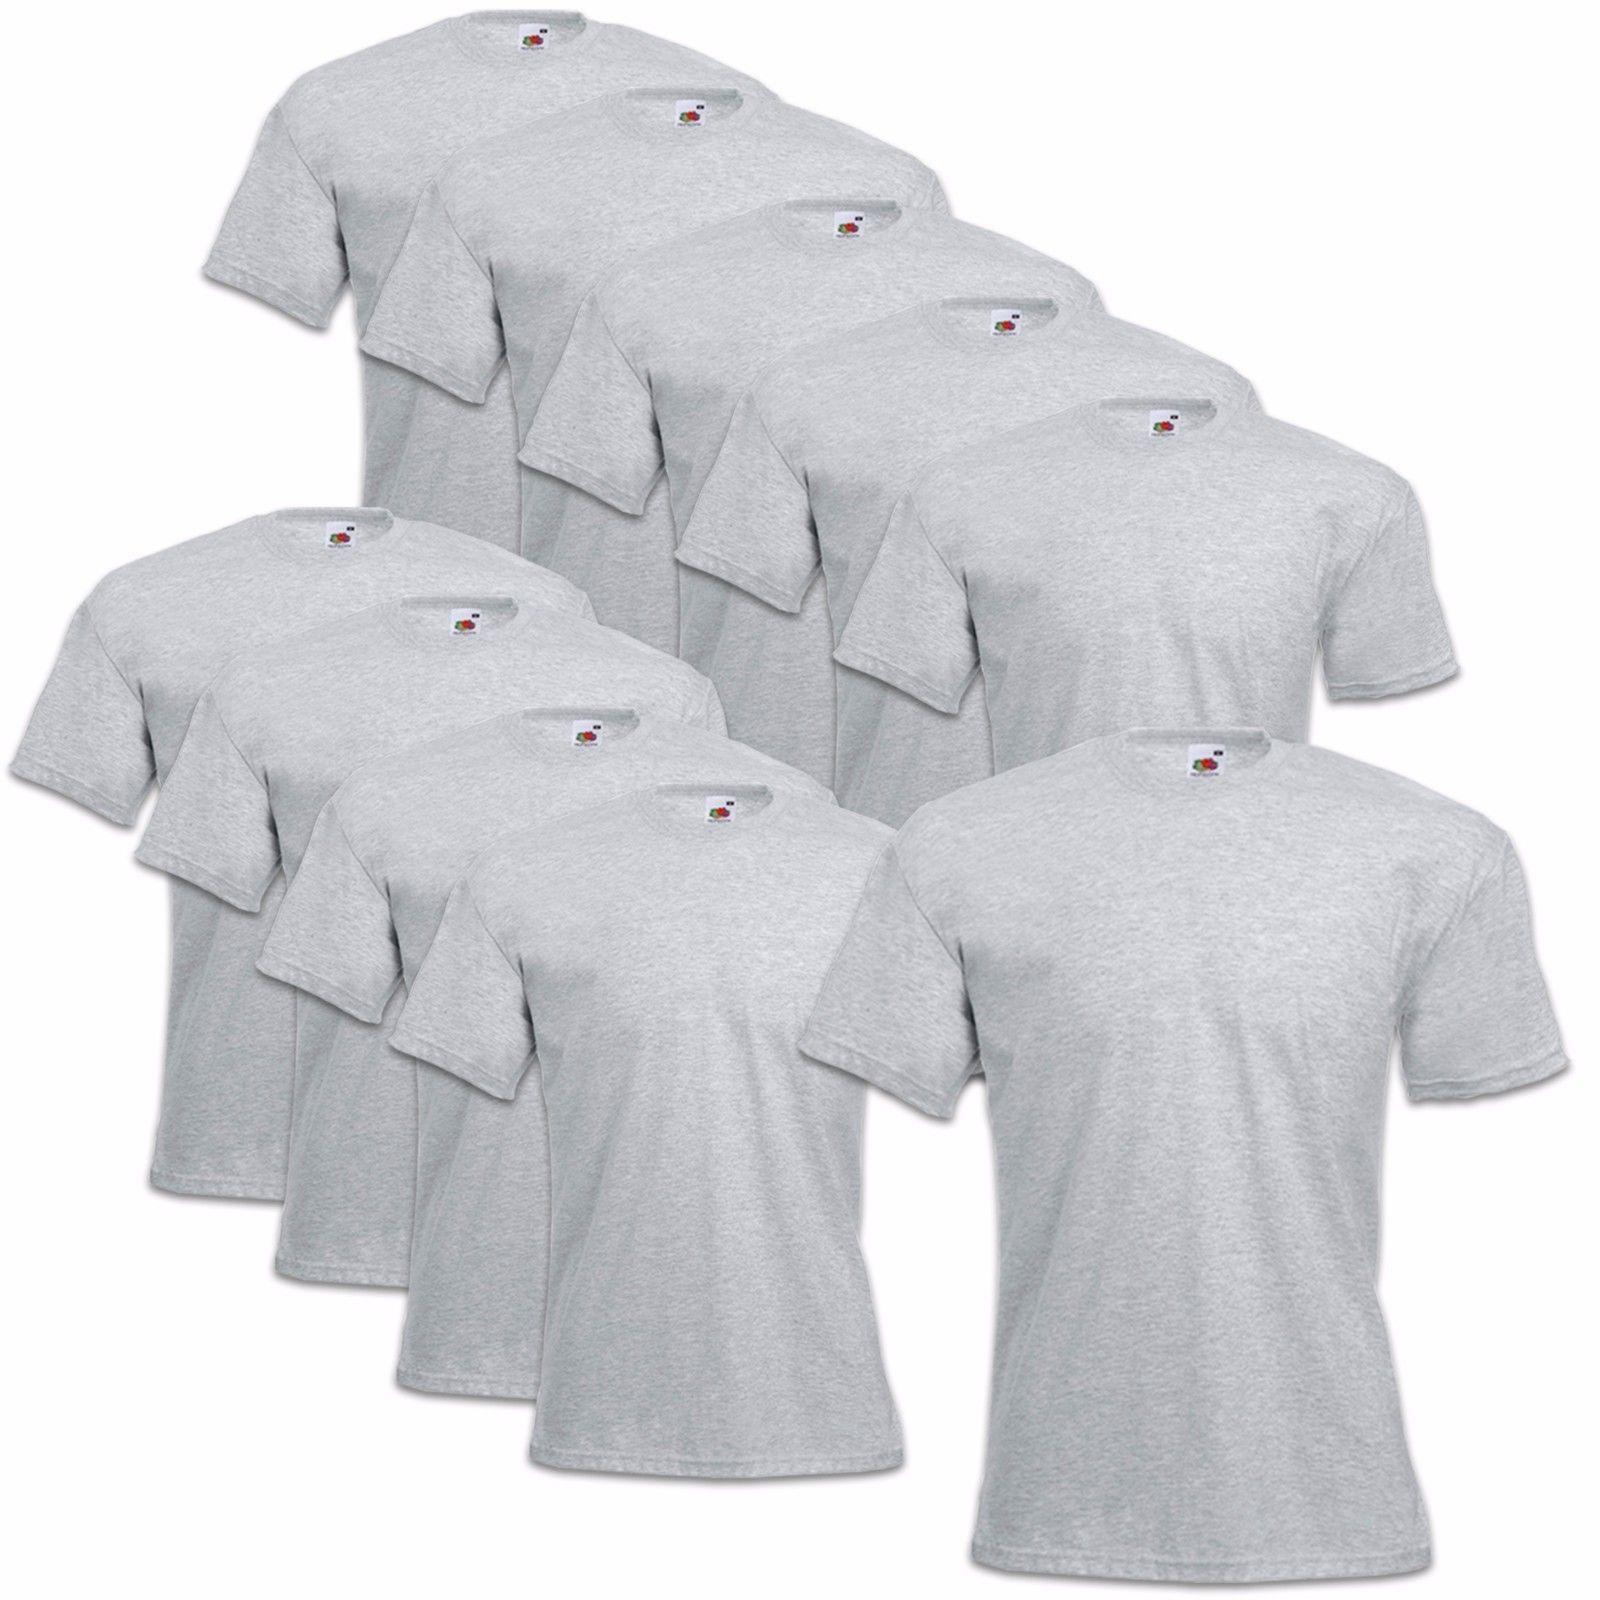 5er-10er-Fruit-Of-The-Loom-T-Shirt-Sets-Coton-S-M-L-XL-XXL-3XL-4XL-Haut